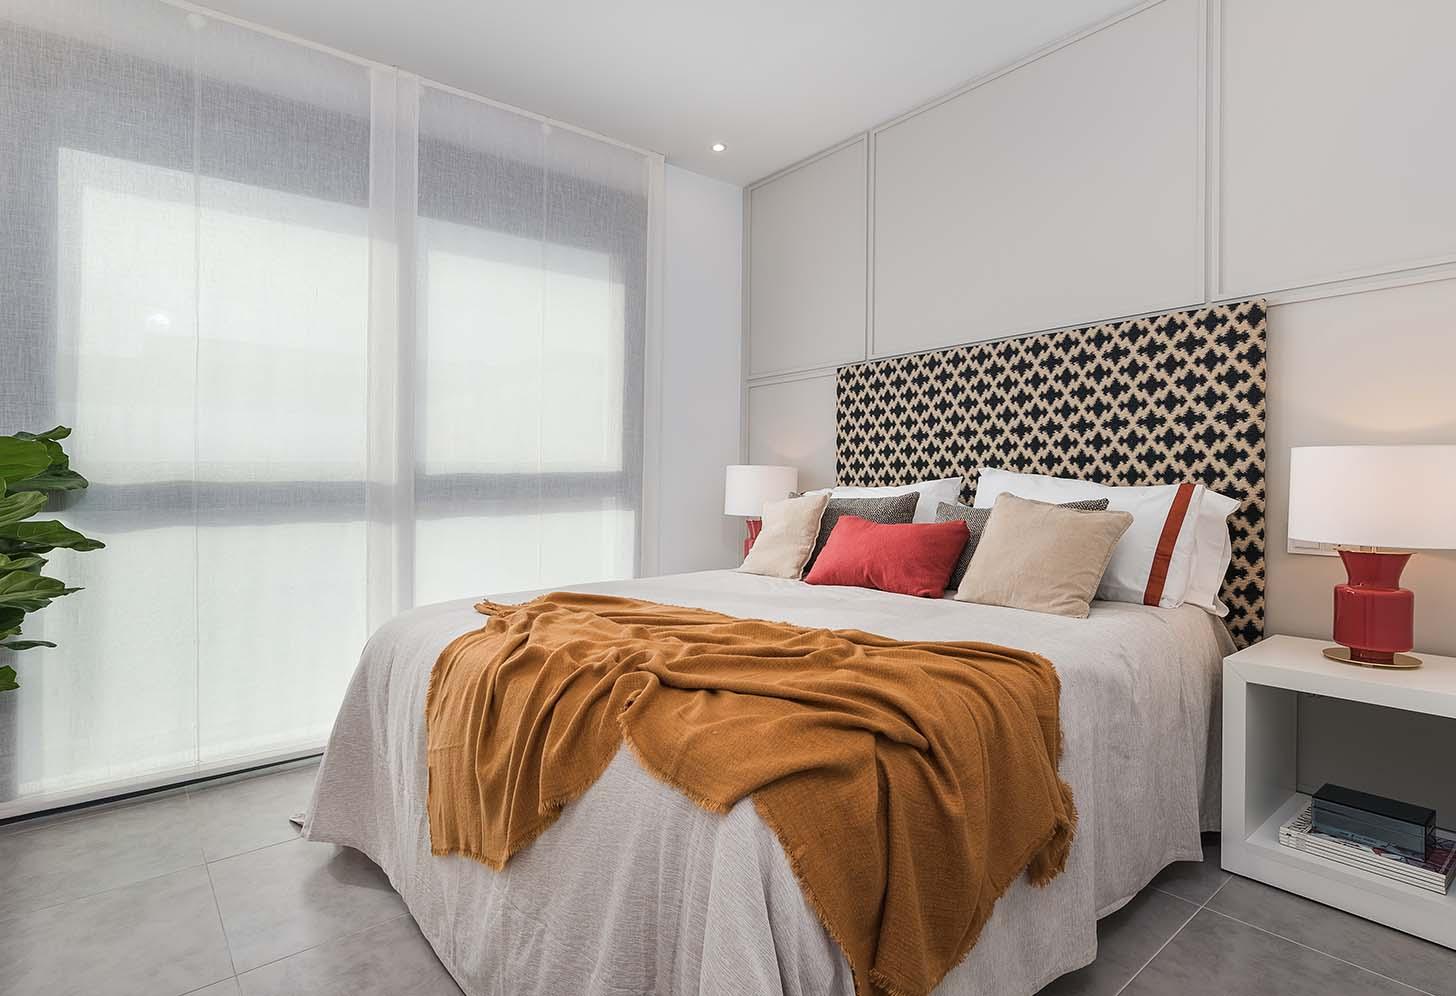 immobilier neuf espagne costa blanca sur alicante dolores chambre